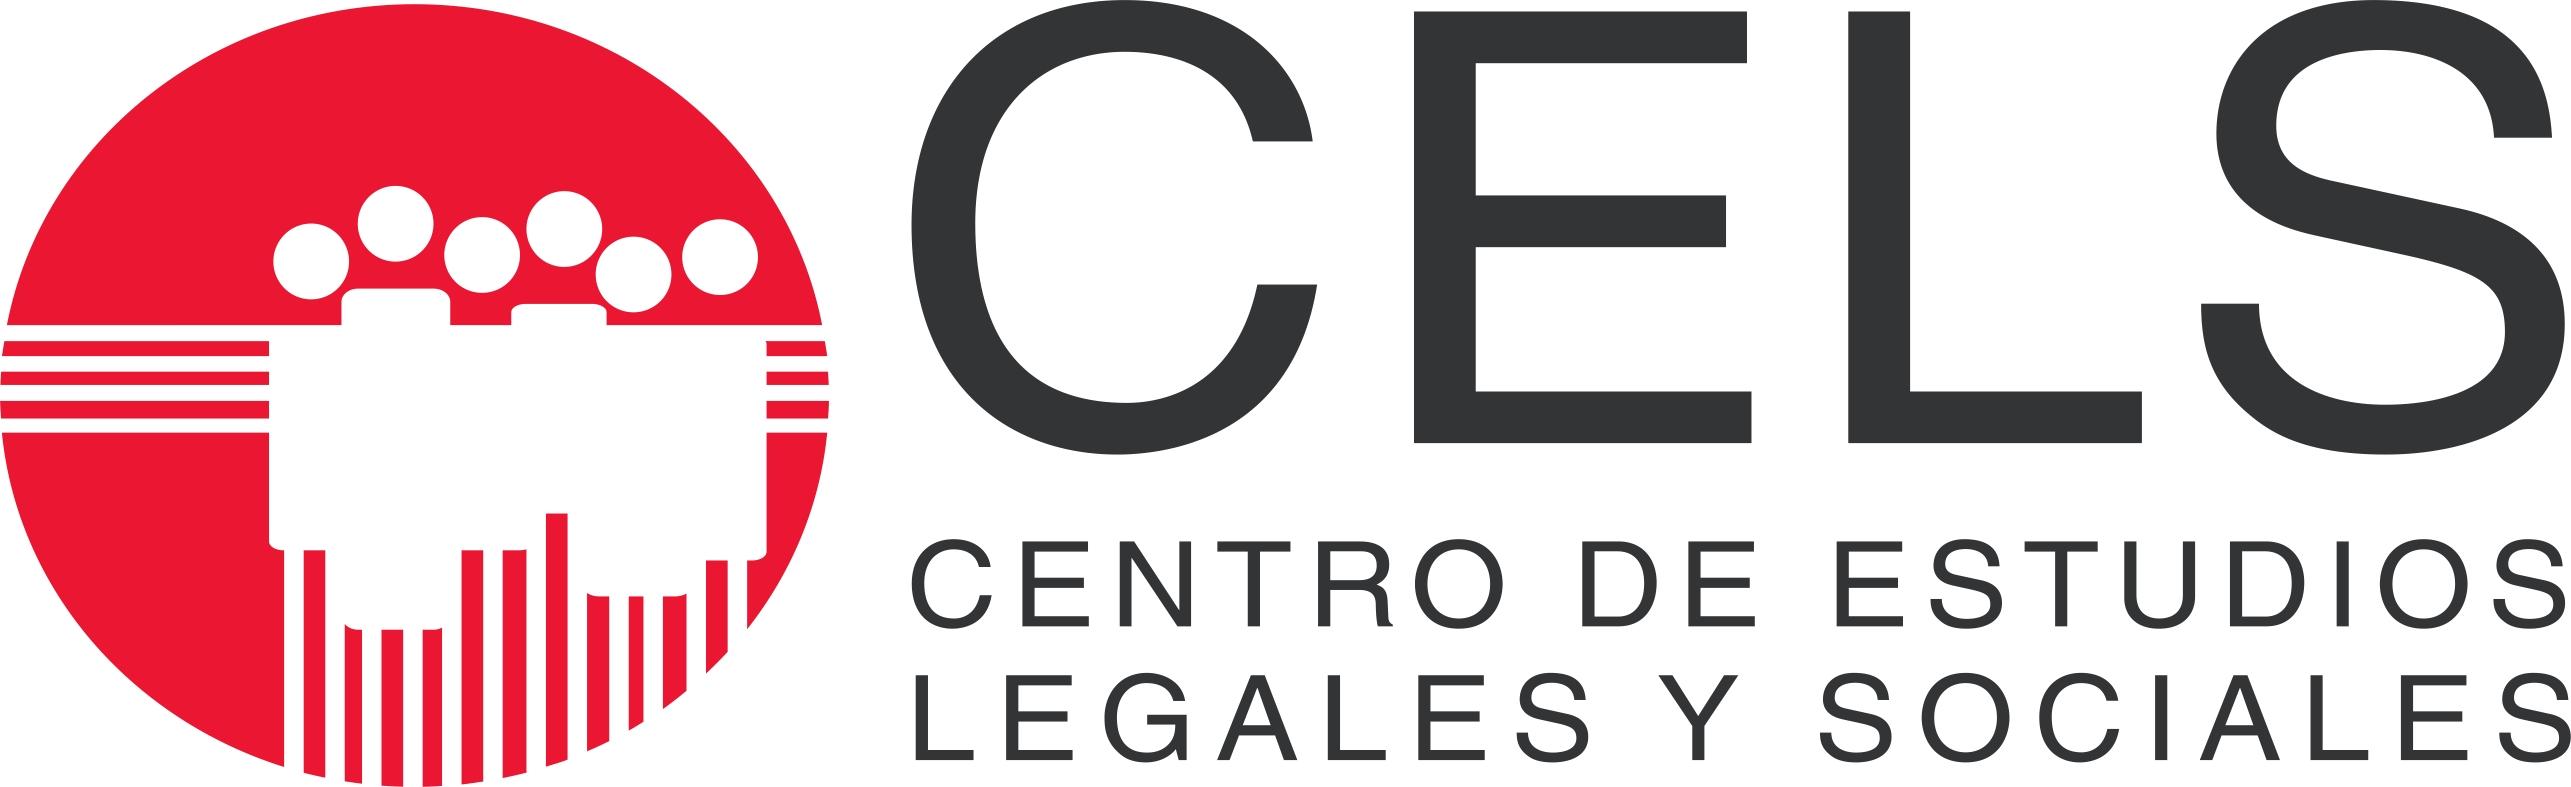 Centro de Estudios Legales y Sociales (CELS)